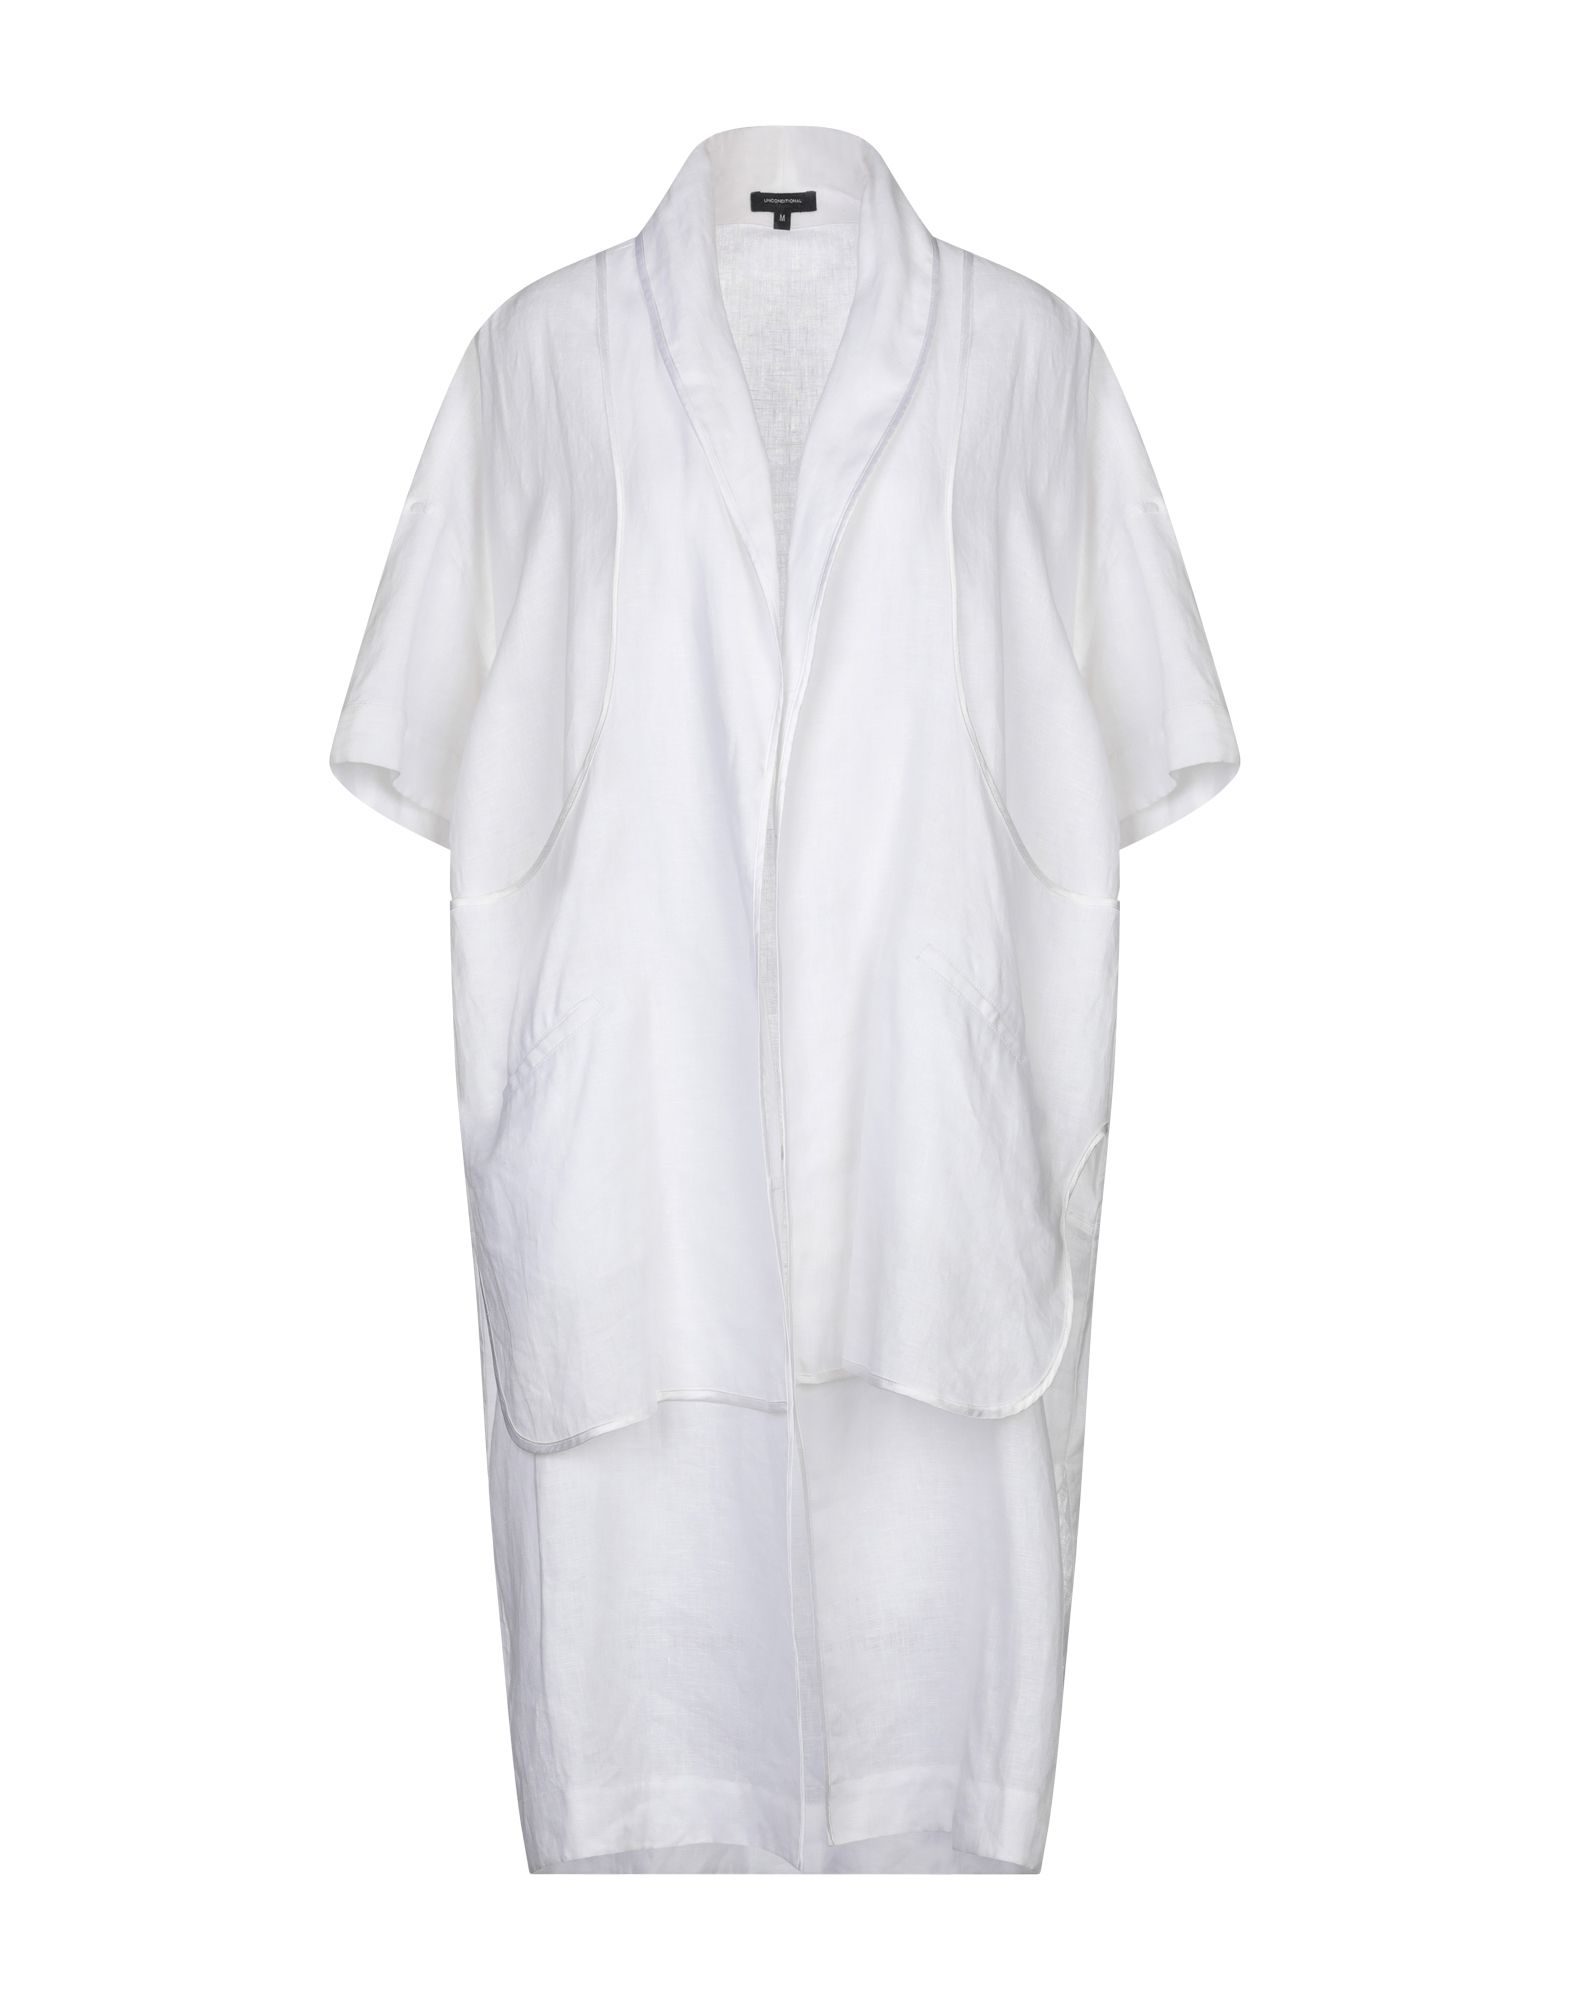 UNCONDITIONAL Легкое пальто вилка для гриля boyscout 42 см